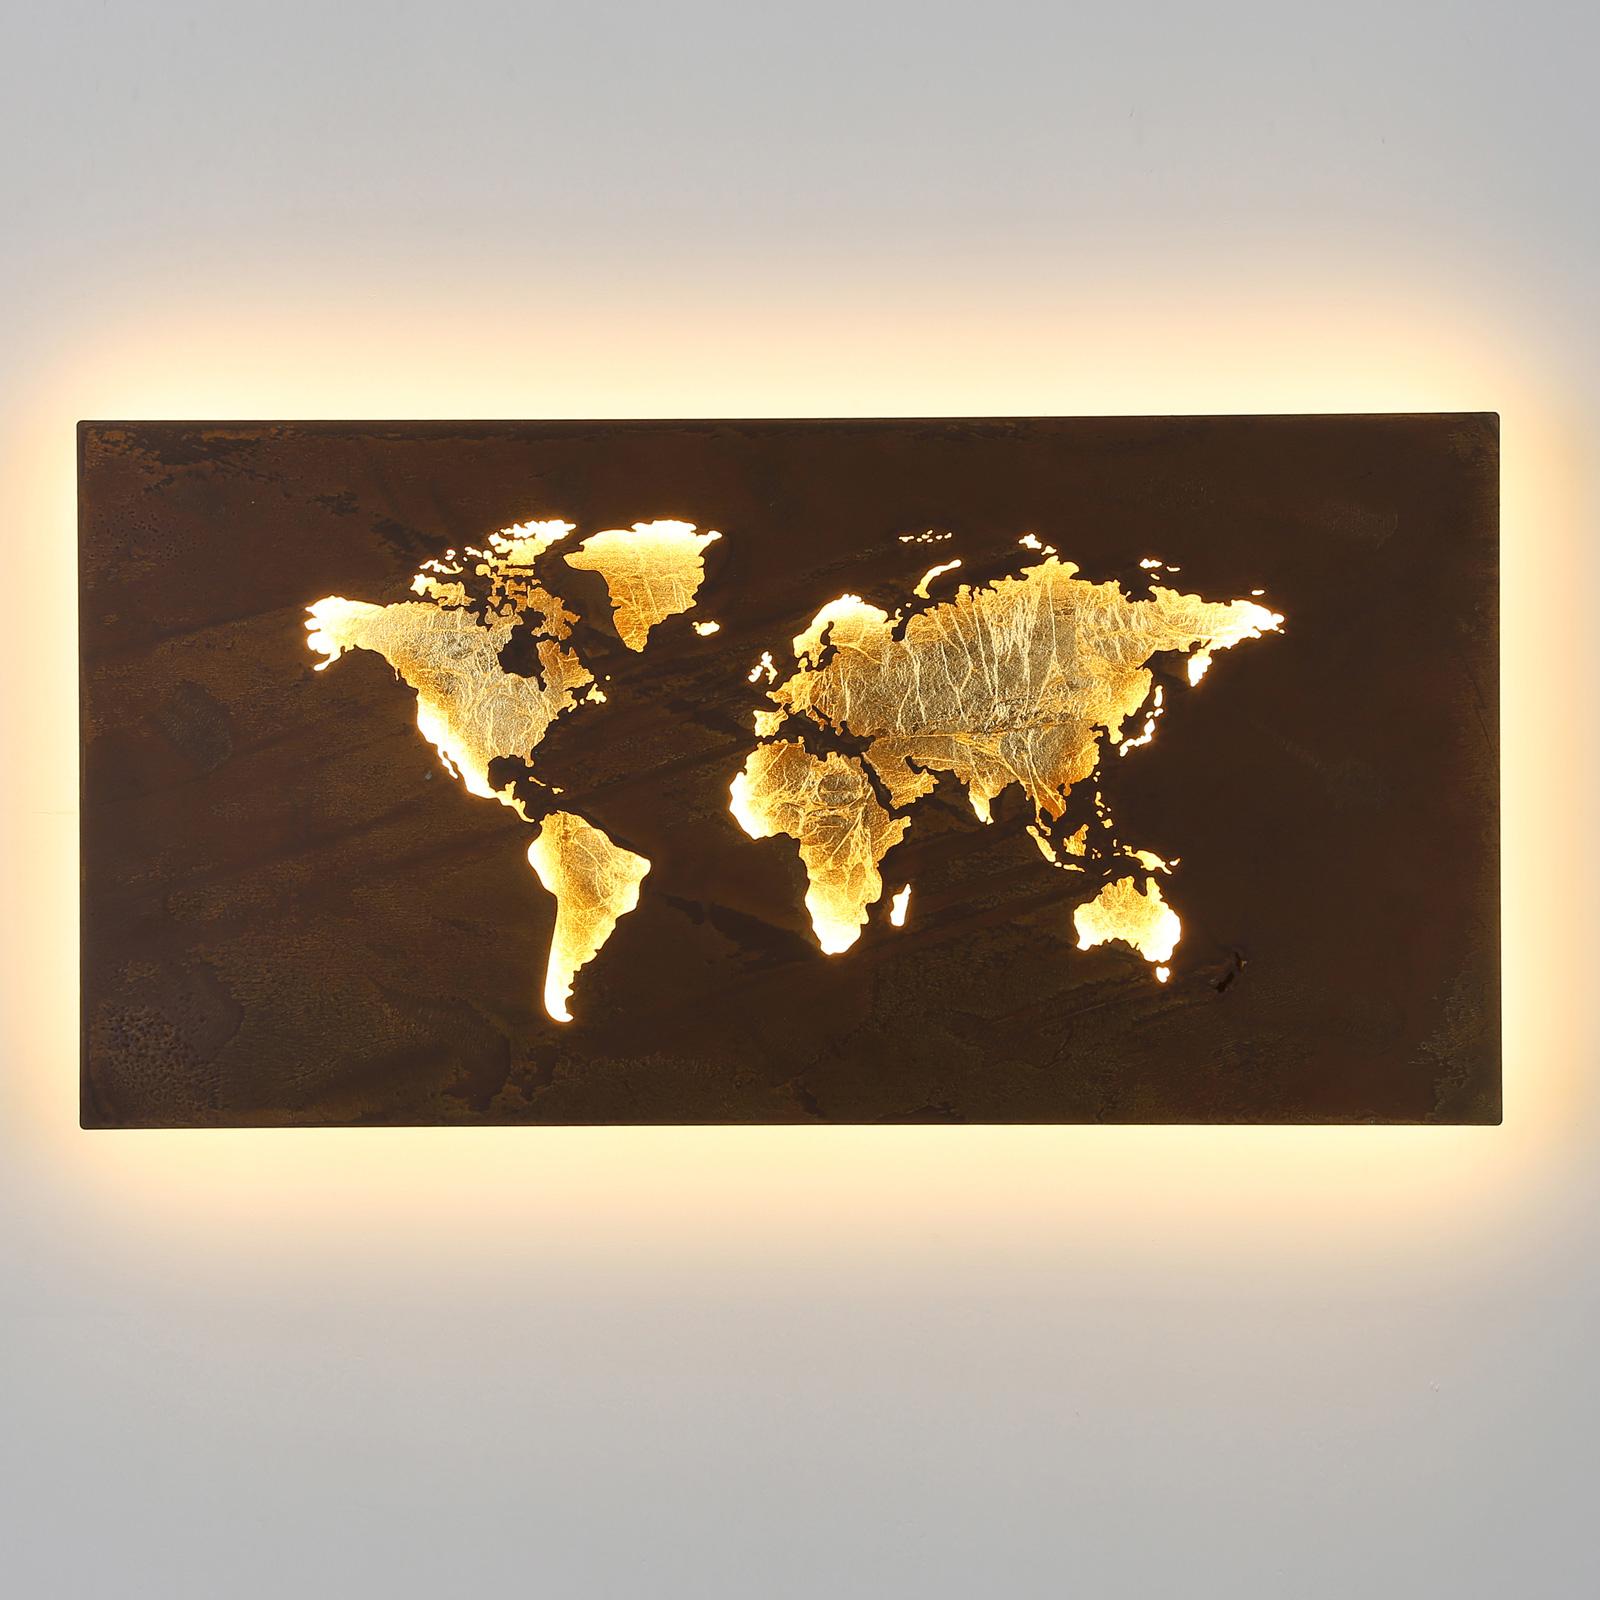 LED-seinävalaisin Linda, kartta-design kulta